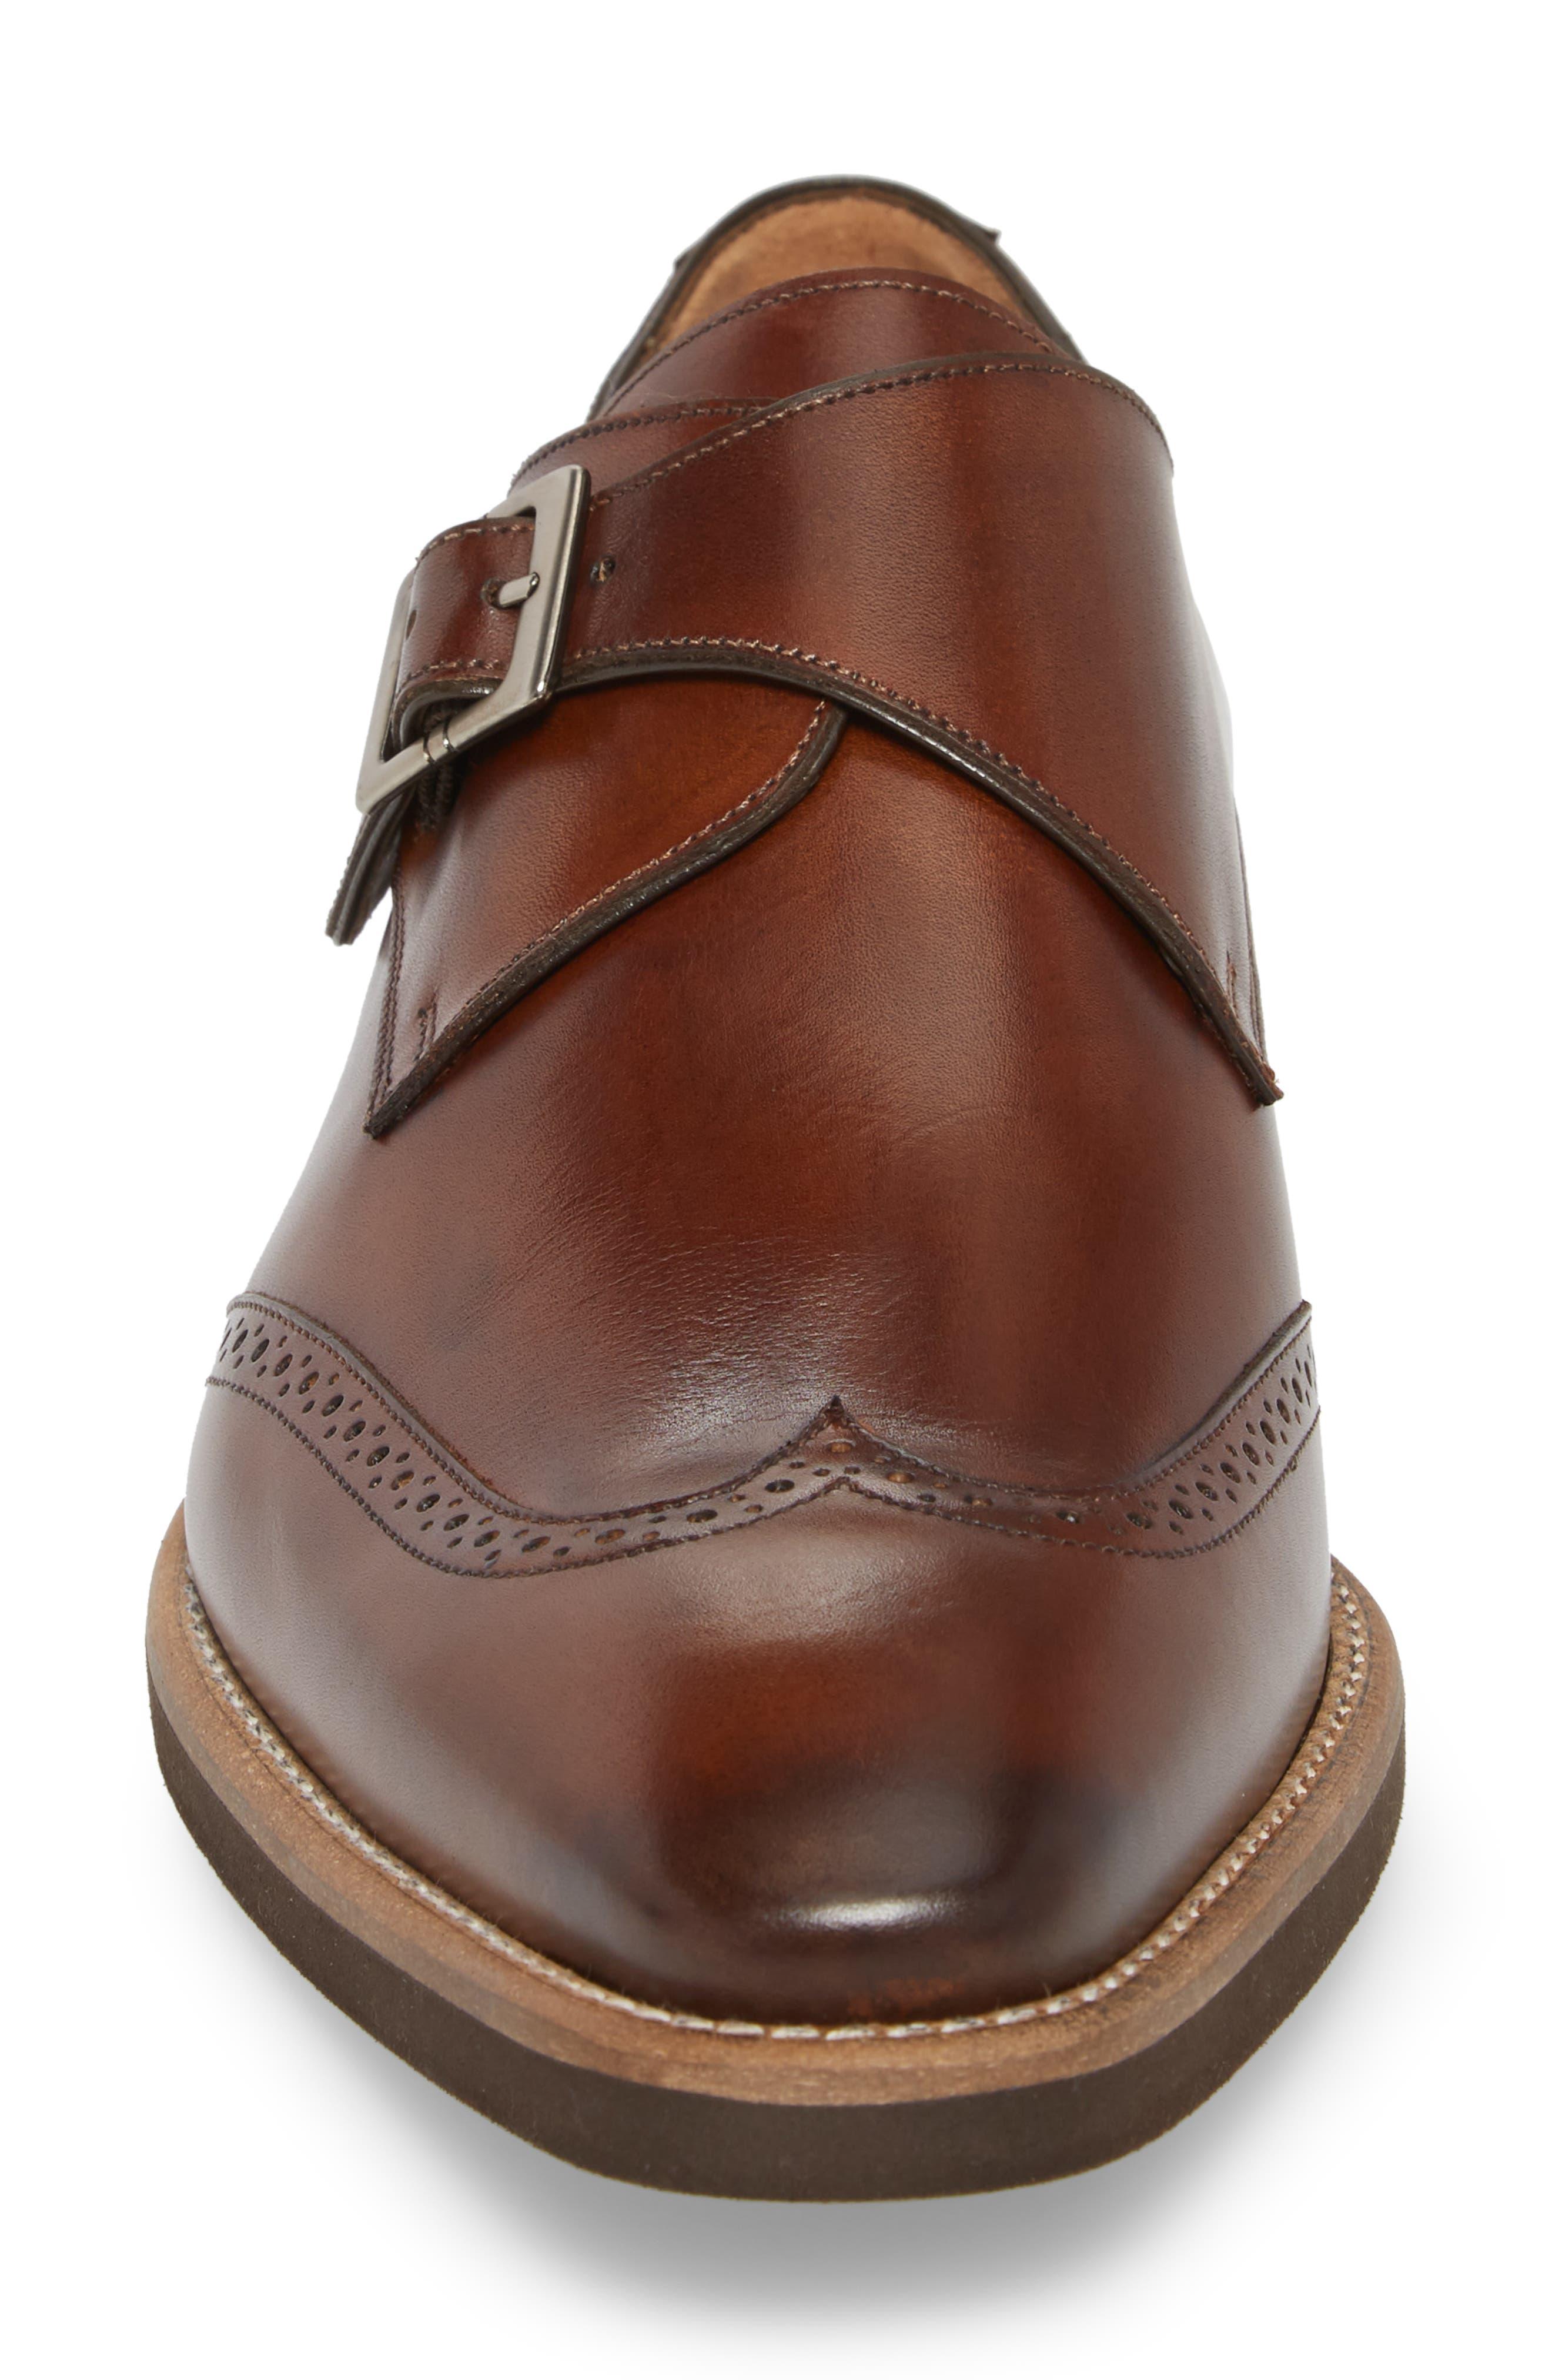 Feresta Wingtip Monk Shoe,                             Alternate thumbnail 4, color,                             COGNAC